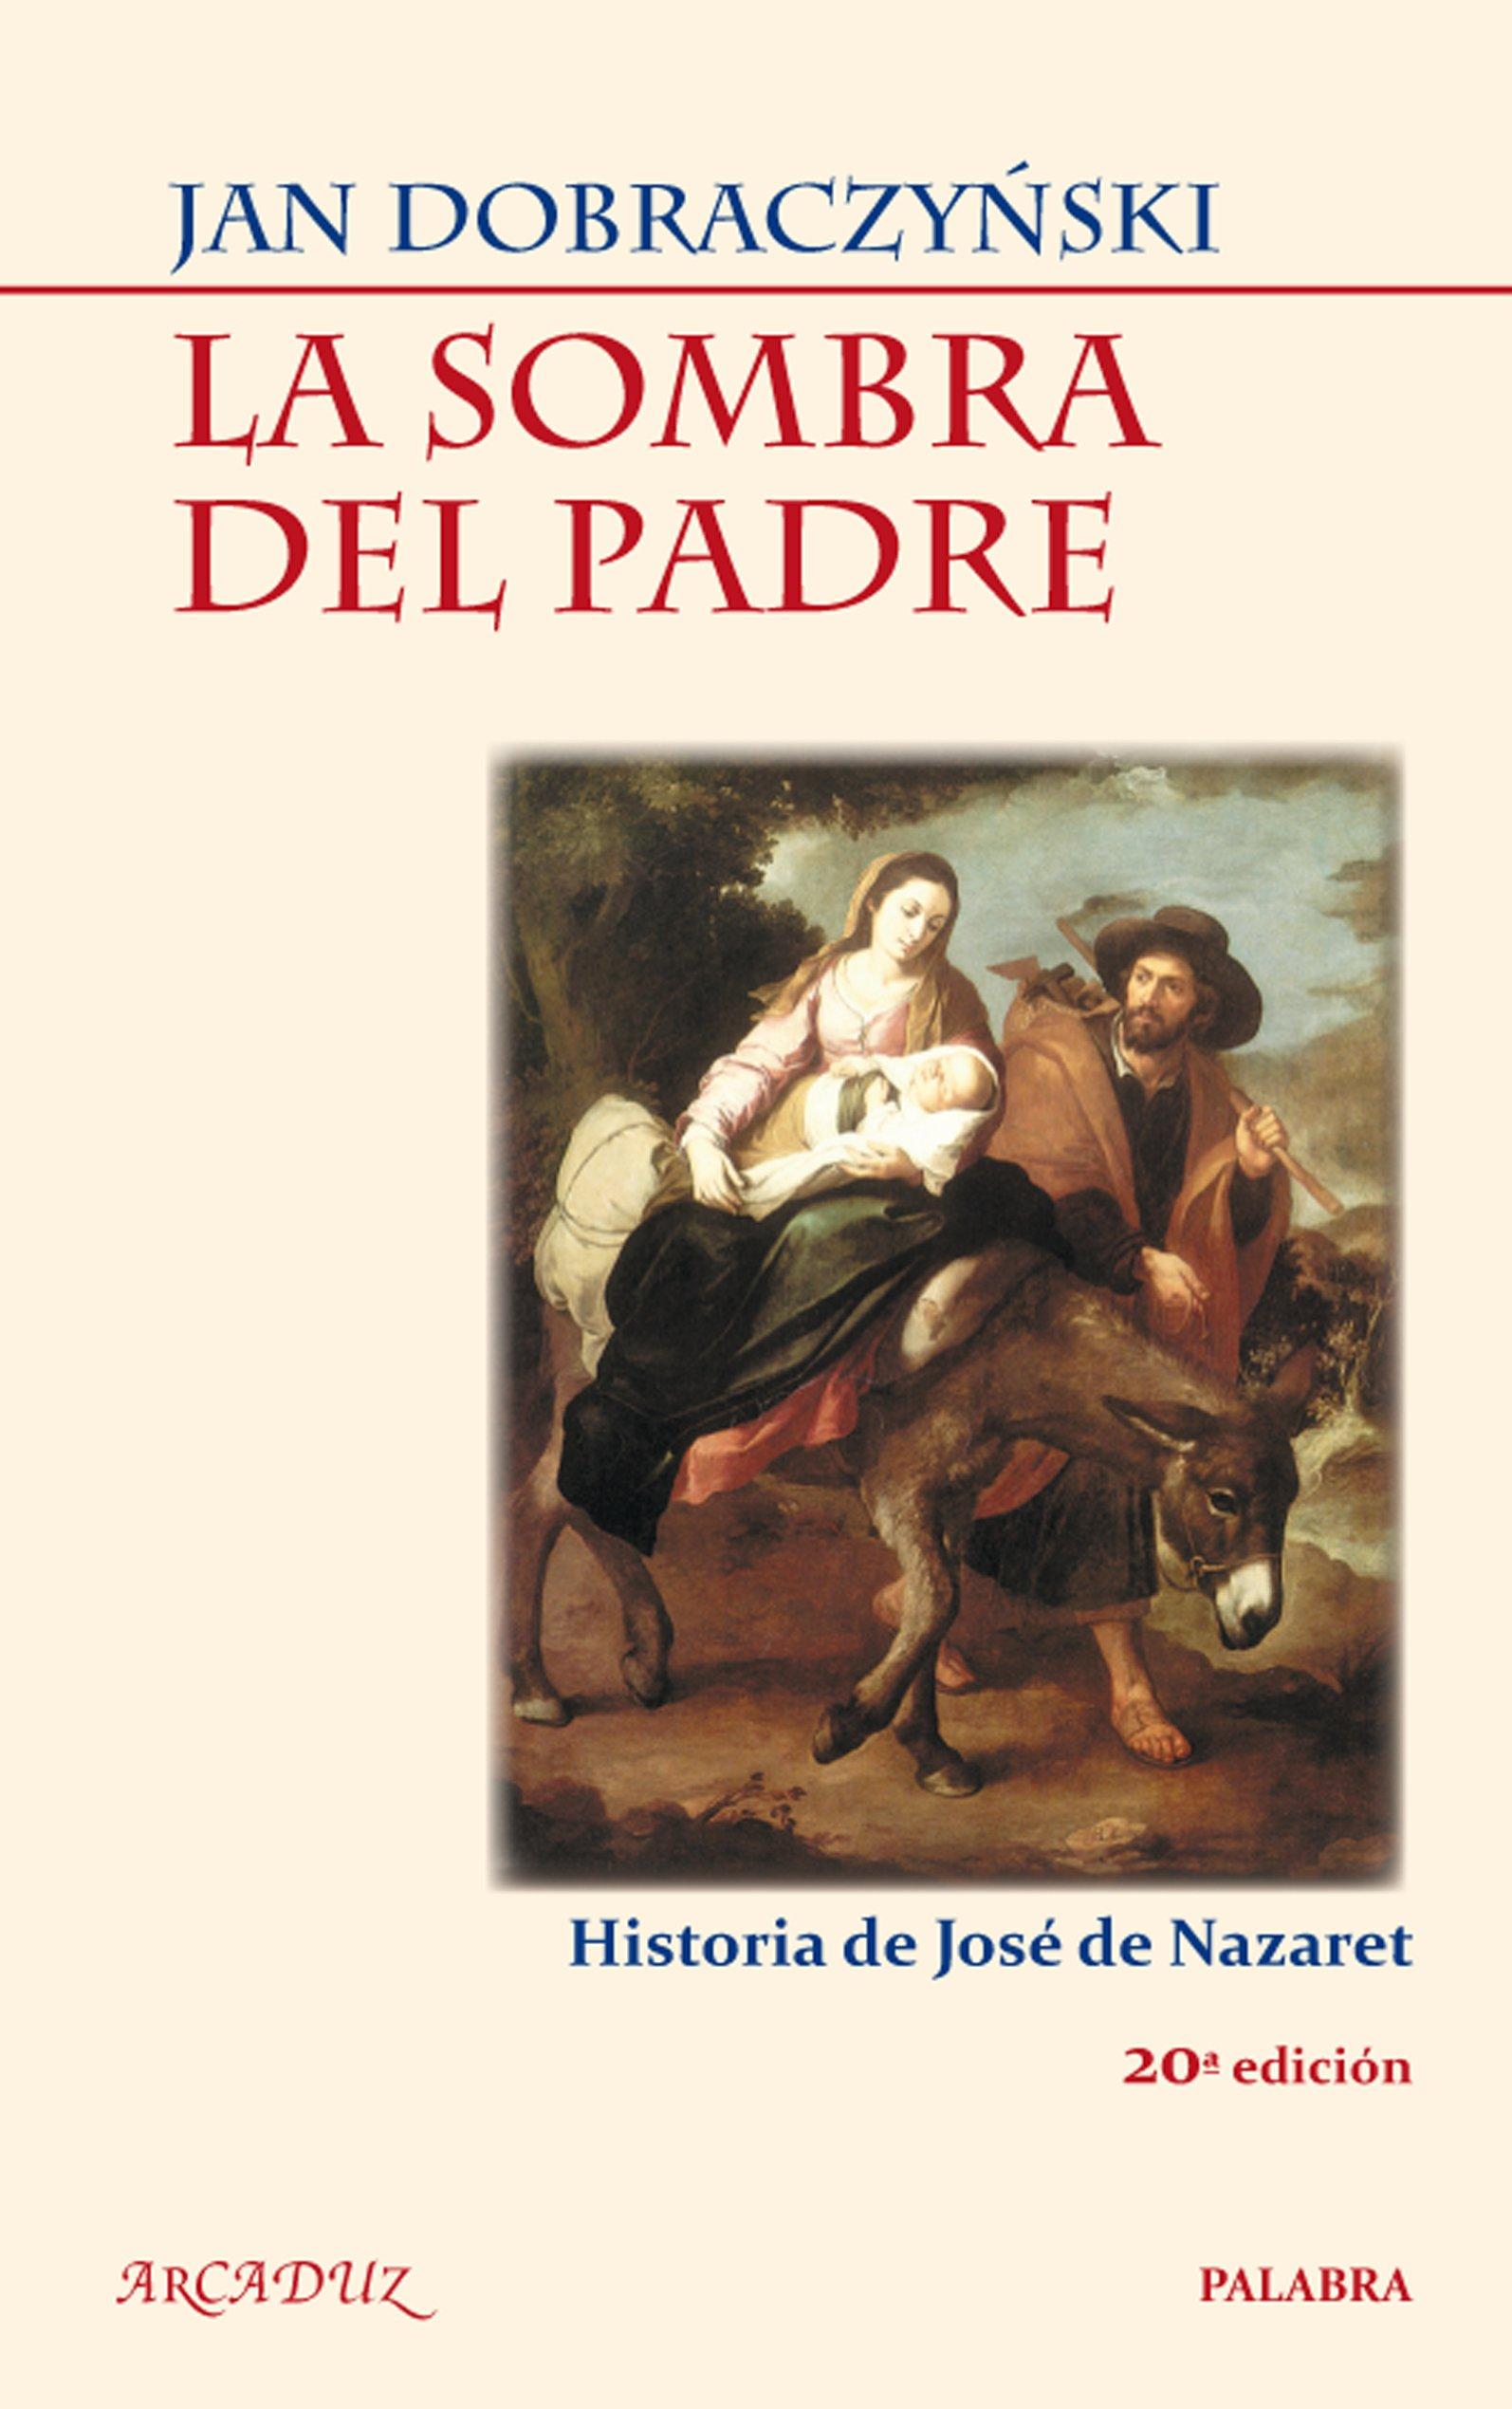 la-sombra-del-padre-historia-de-jos-de-nazaret-arcaduz-band-30